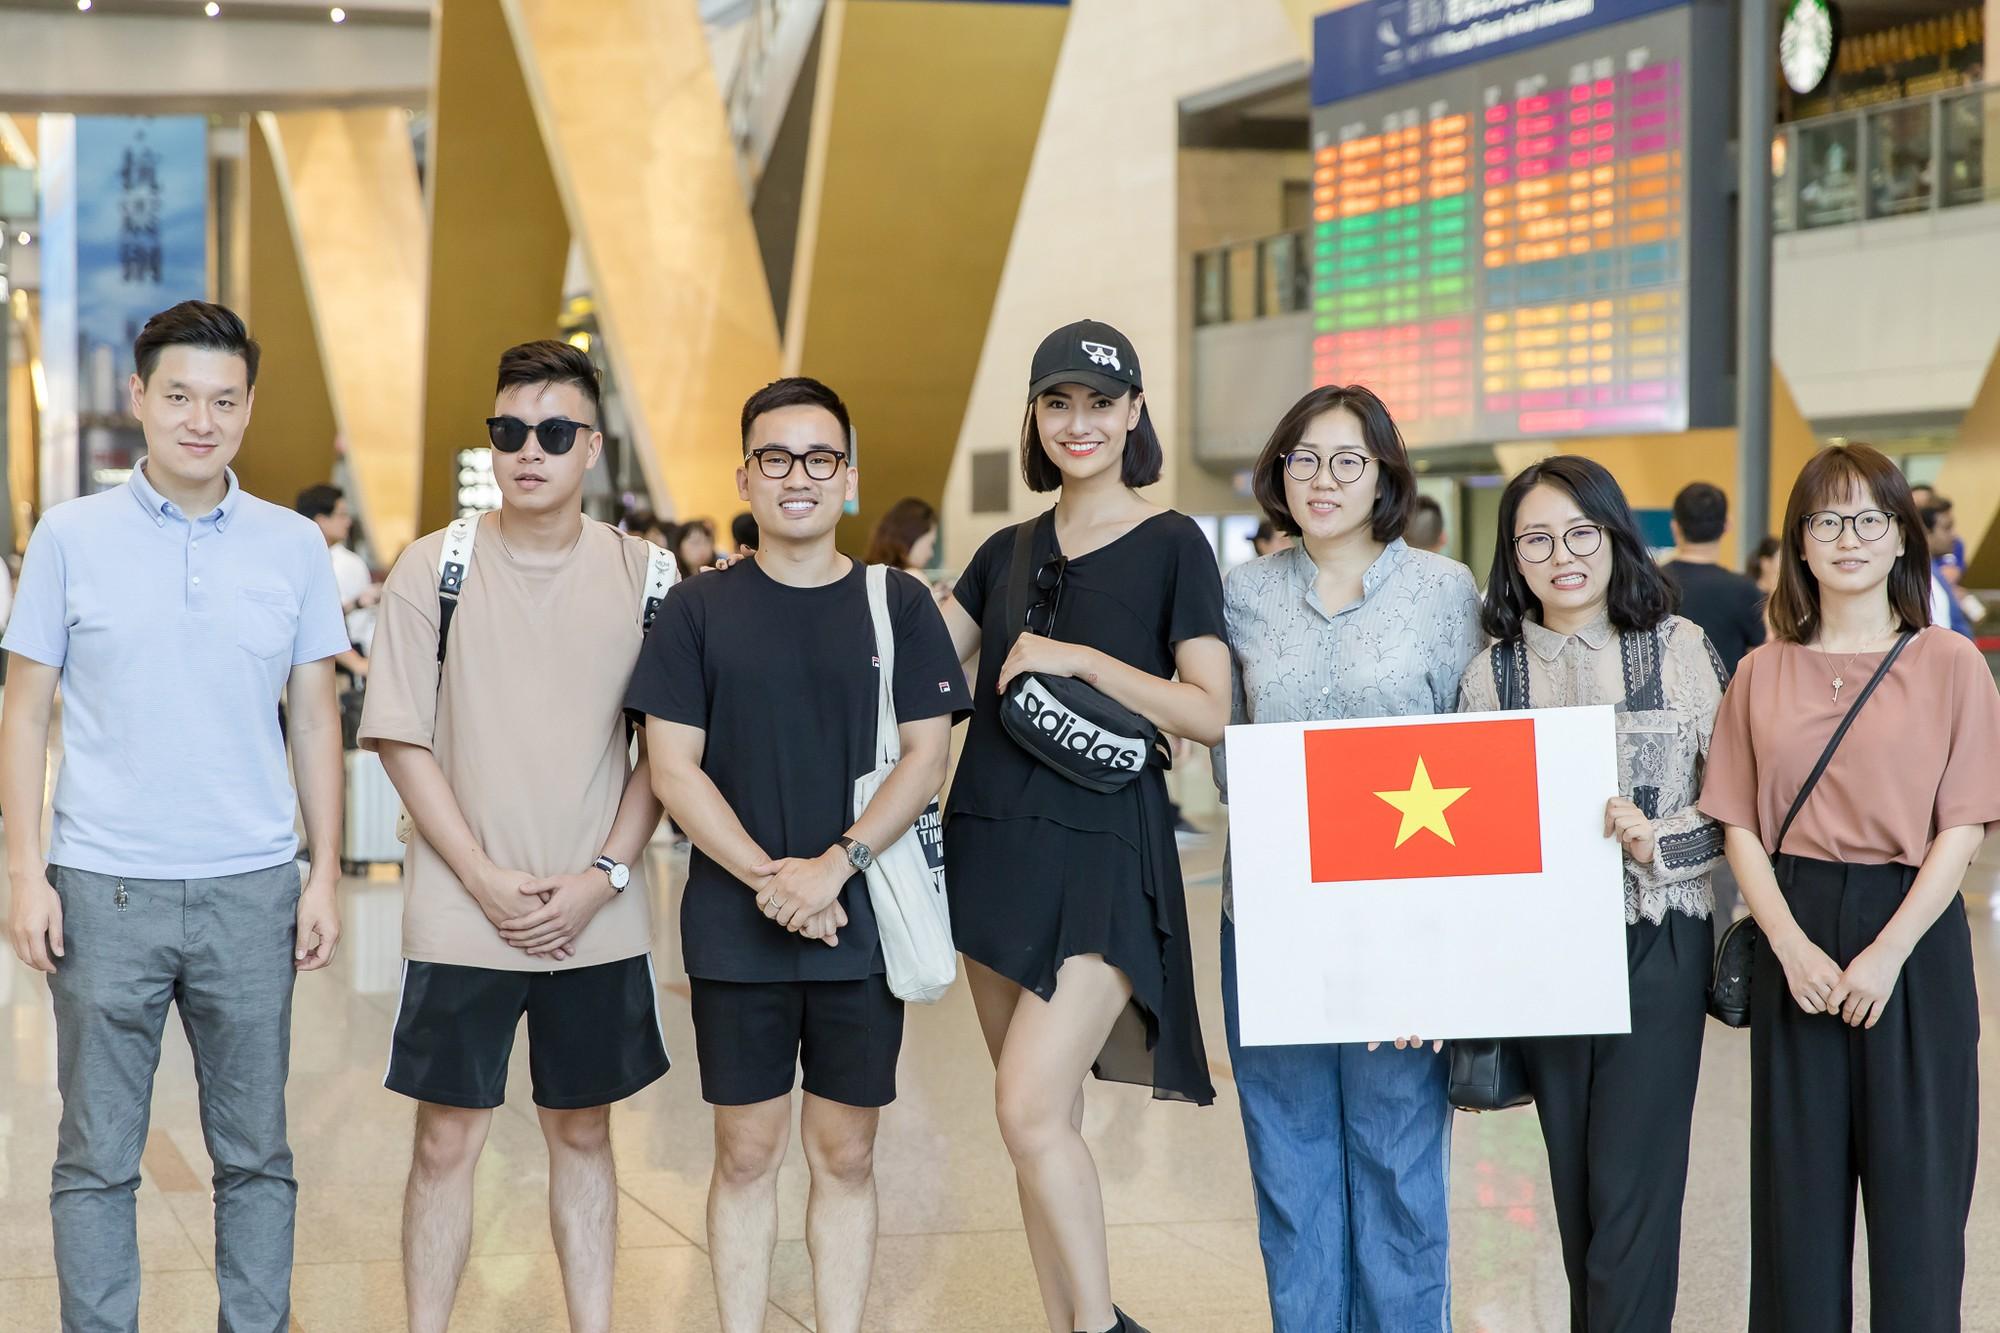 Gửi con cho ông bà để đi làm, Hồng Quế nhí nhảnh selfie cùng người đàn ông này ở sân bay - Ảnh 9.